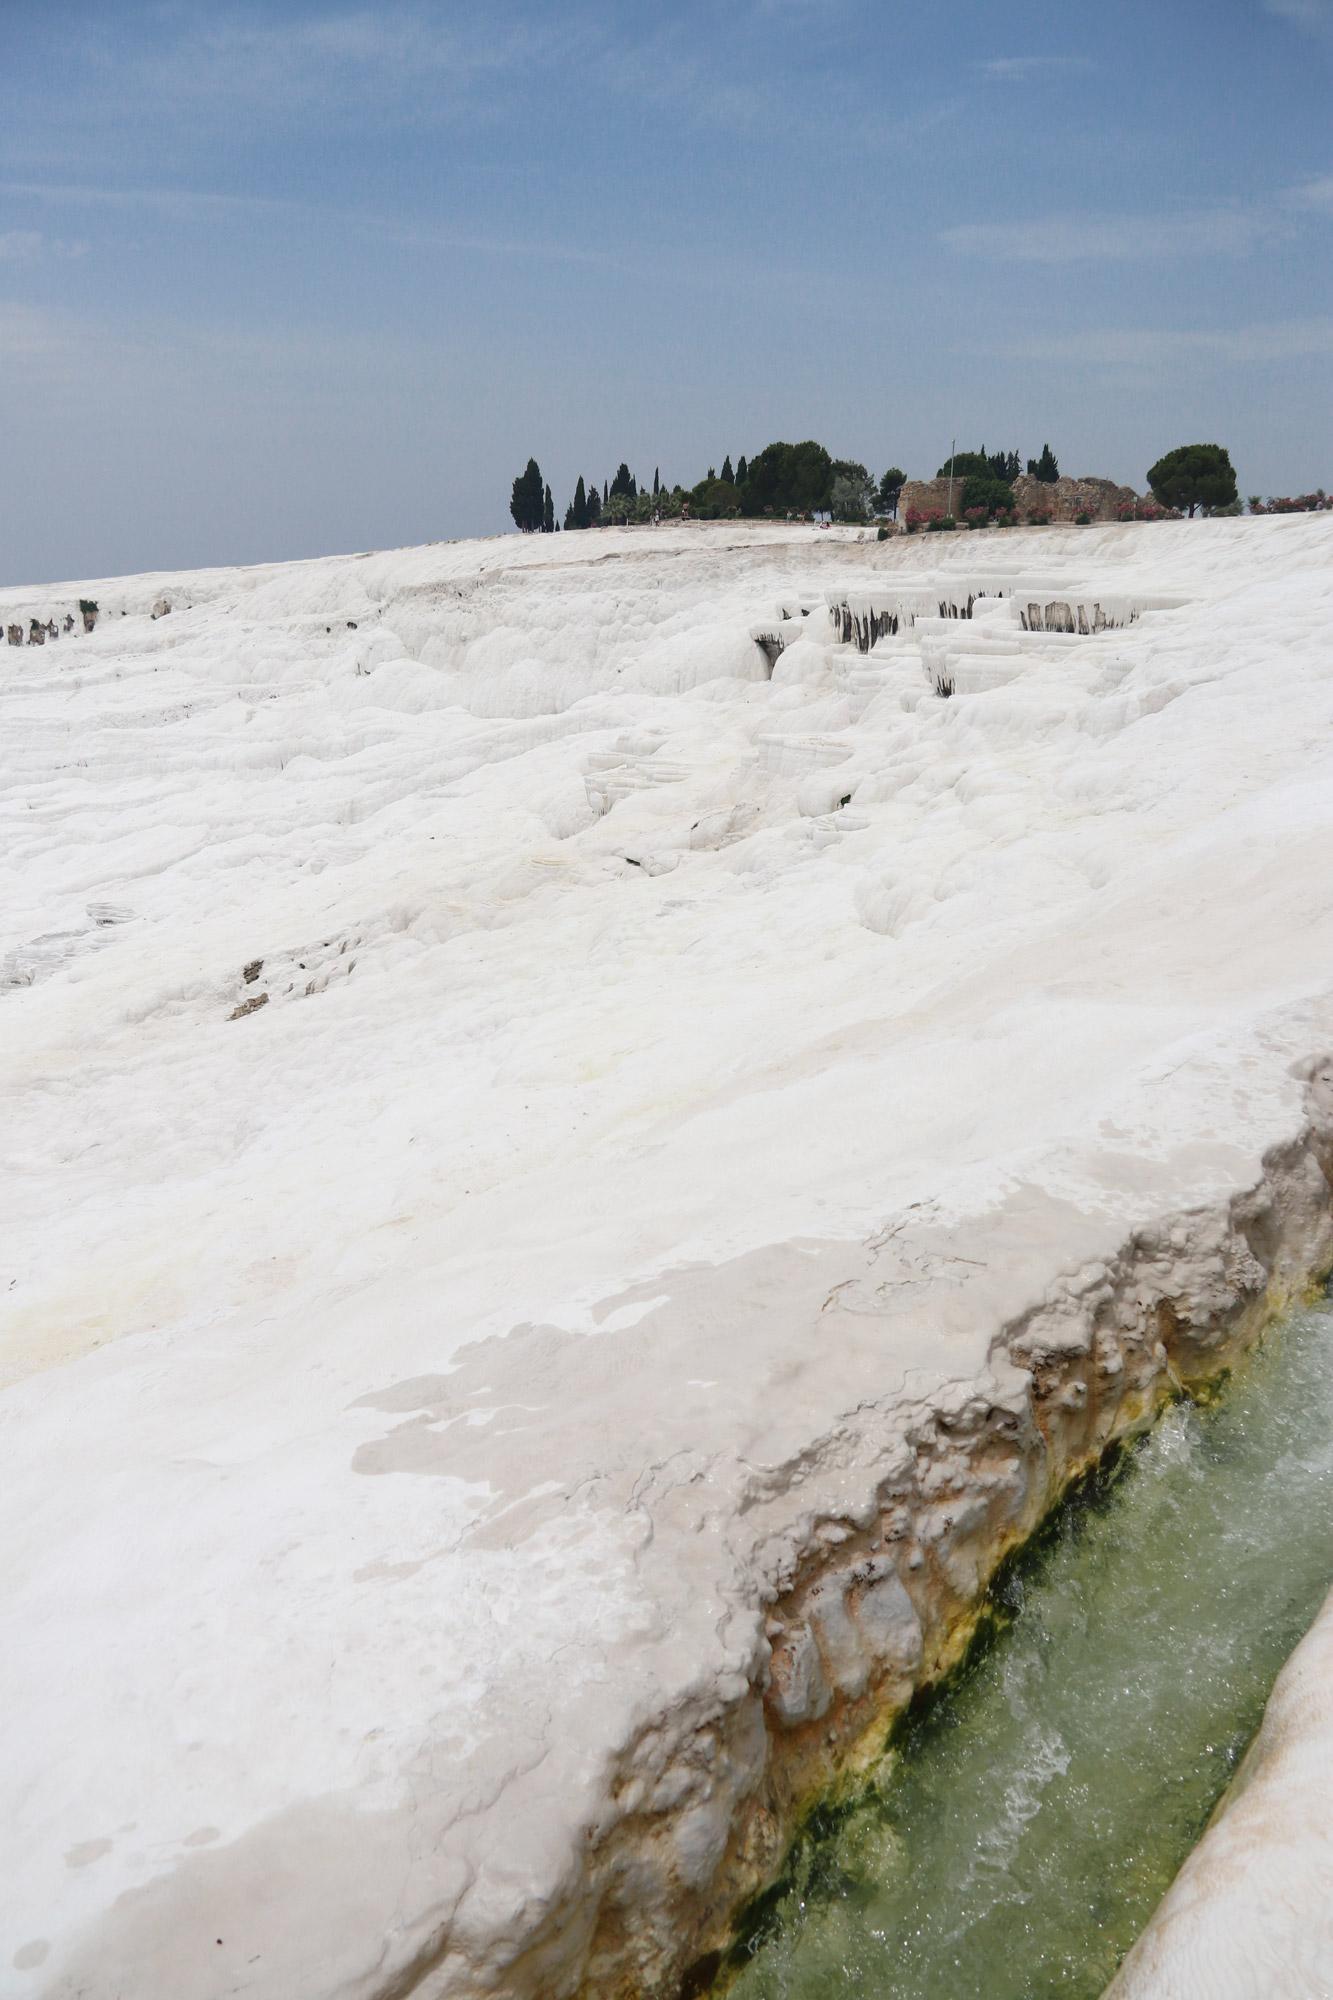 Turkije reisverslag: Pamukkale en Hiërapolis - Het water stroomt niet over de originele terrassen